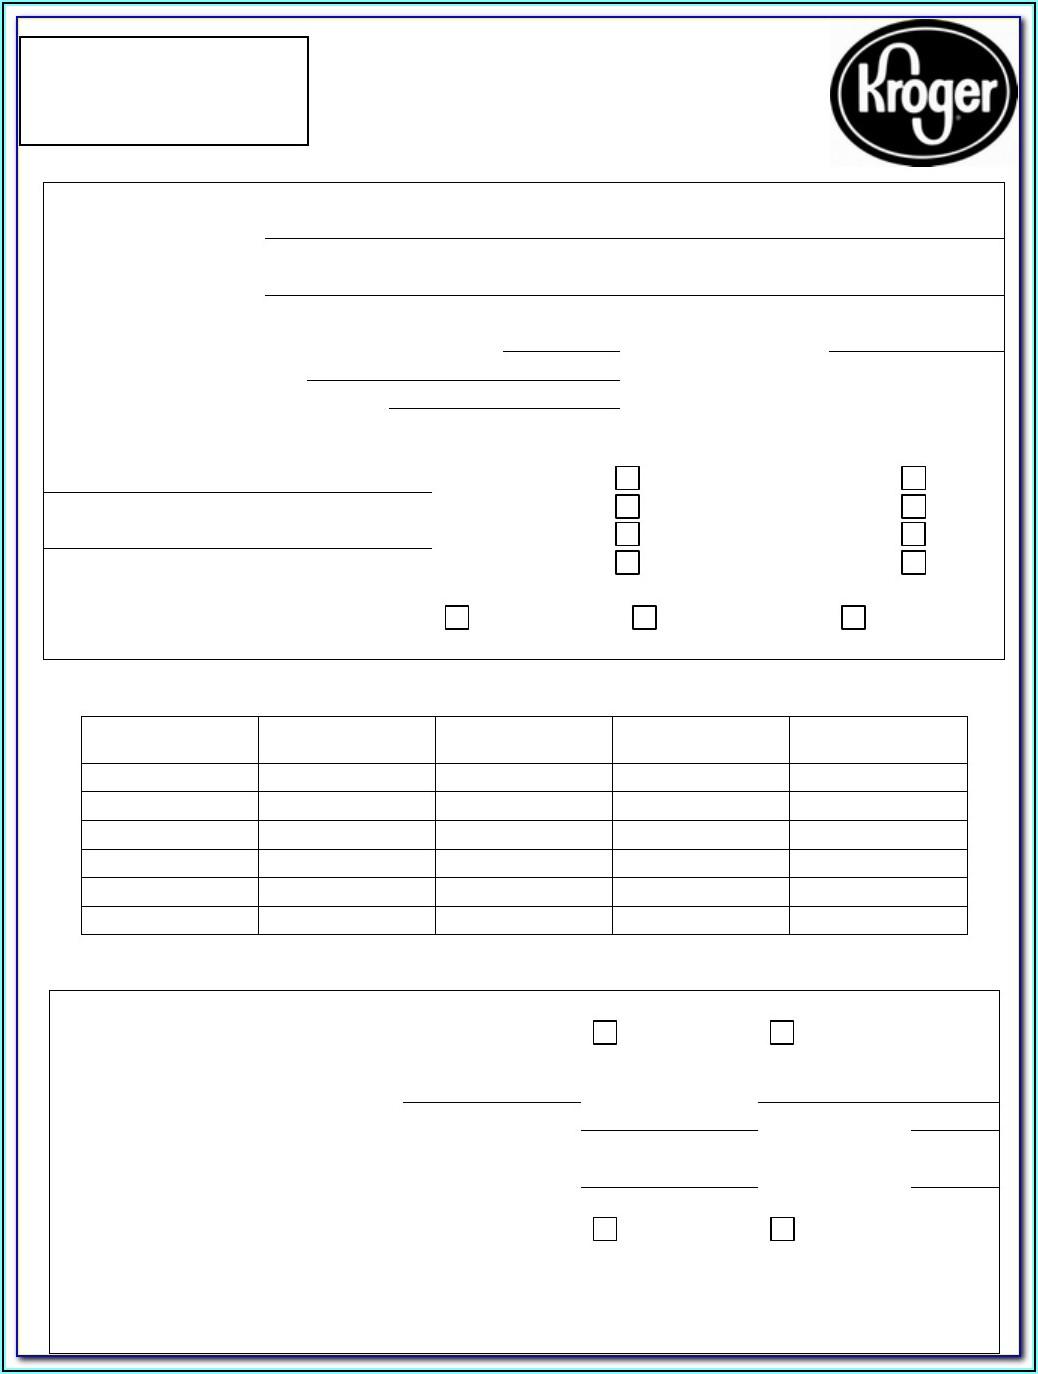 Kroger W2 Forms Online 2018